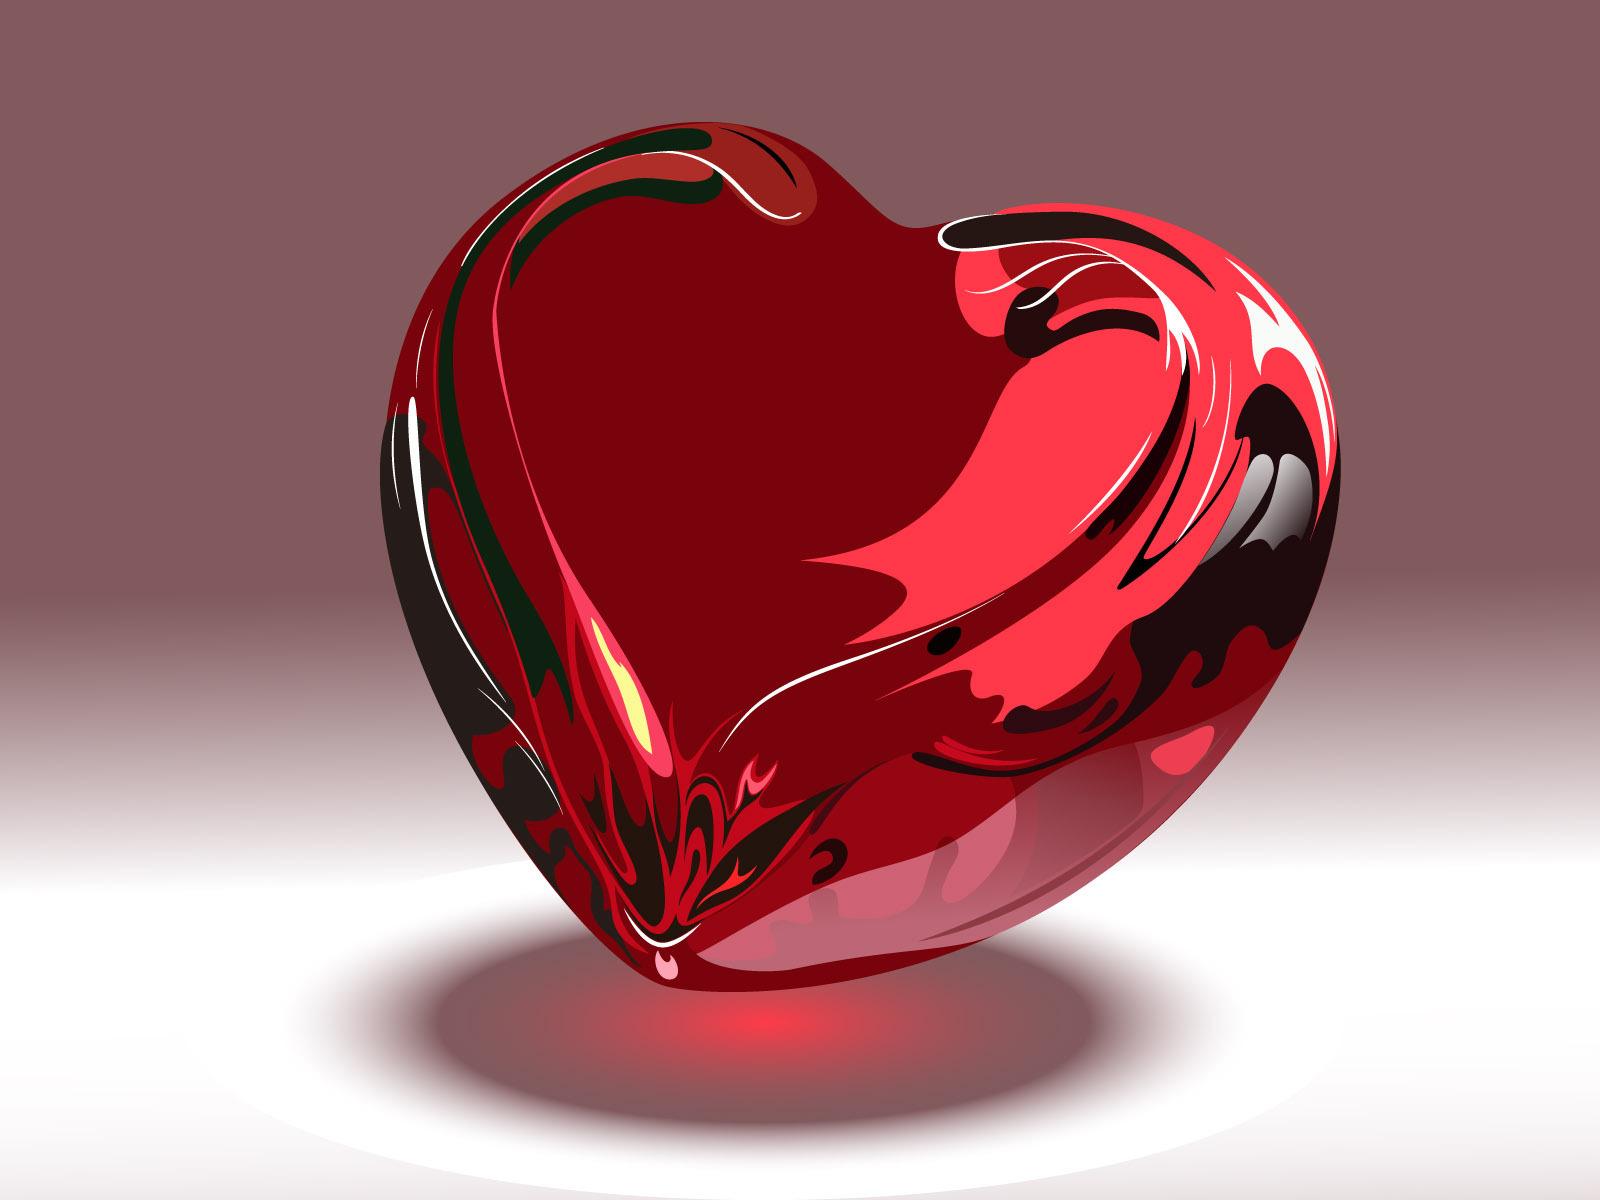 imagen de corazon - HD1400×1050